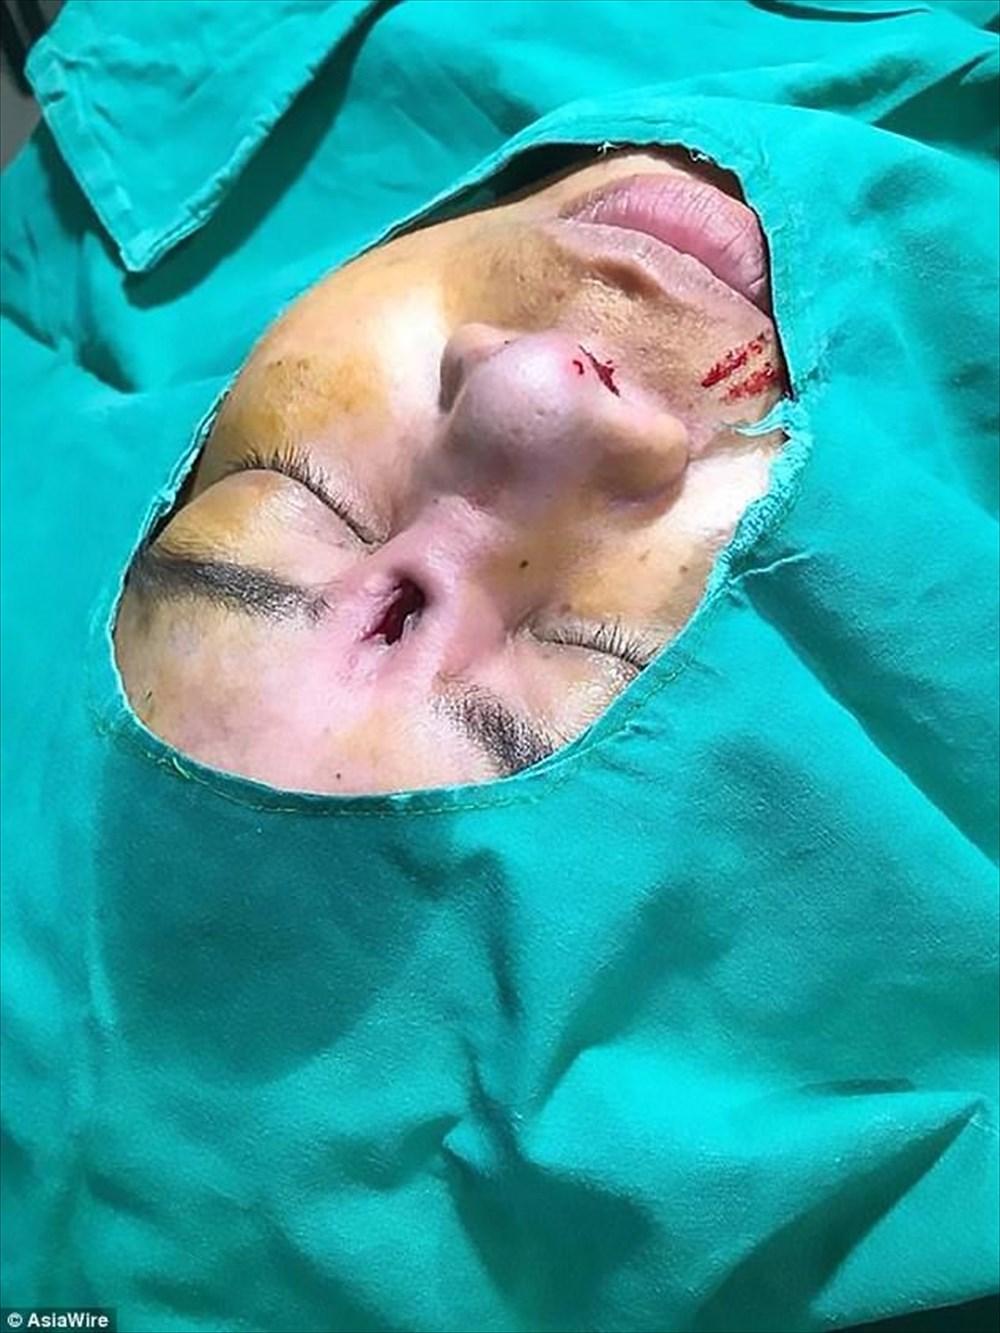 クリニックは知らんぷり!美容整形で鼻に埋めたインプラントが飛び出てきた女性